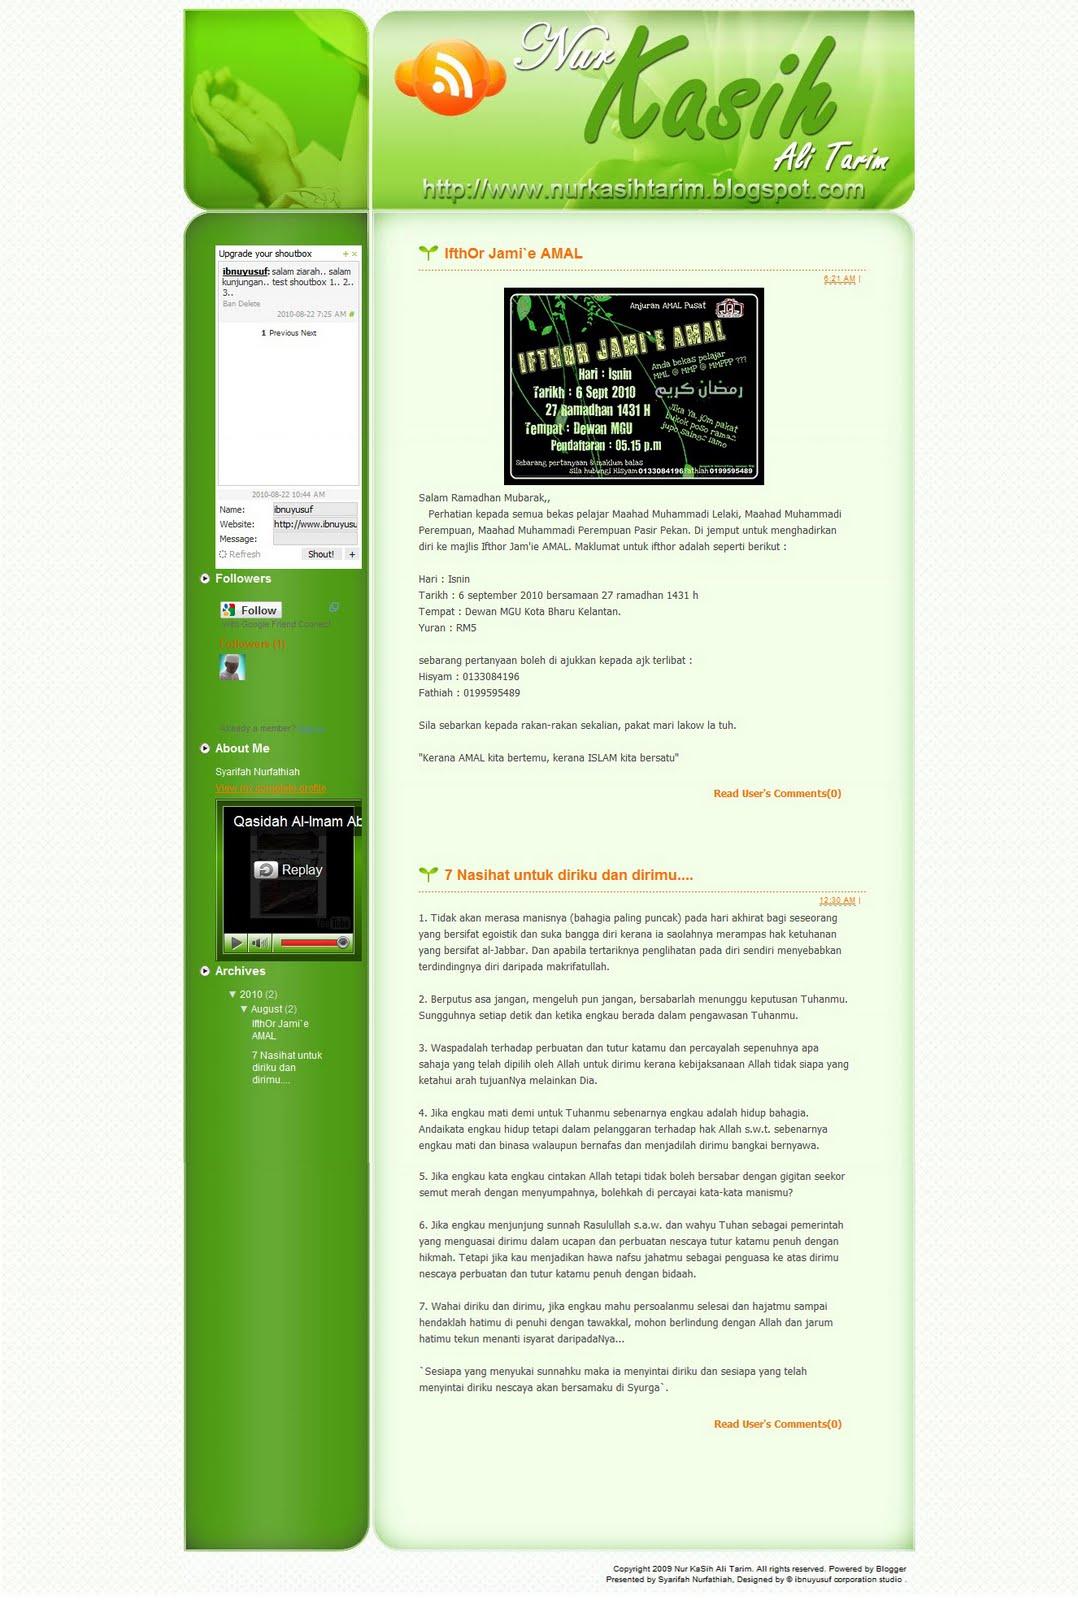 http://4.bp.blogspot.com/_vV-9TRmZFM4/THECqt1WzRI/AAAAAAAABUM/jEa4UzY8-Ms/s1600/1.jpg